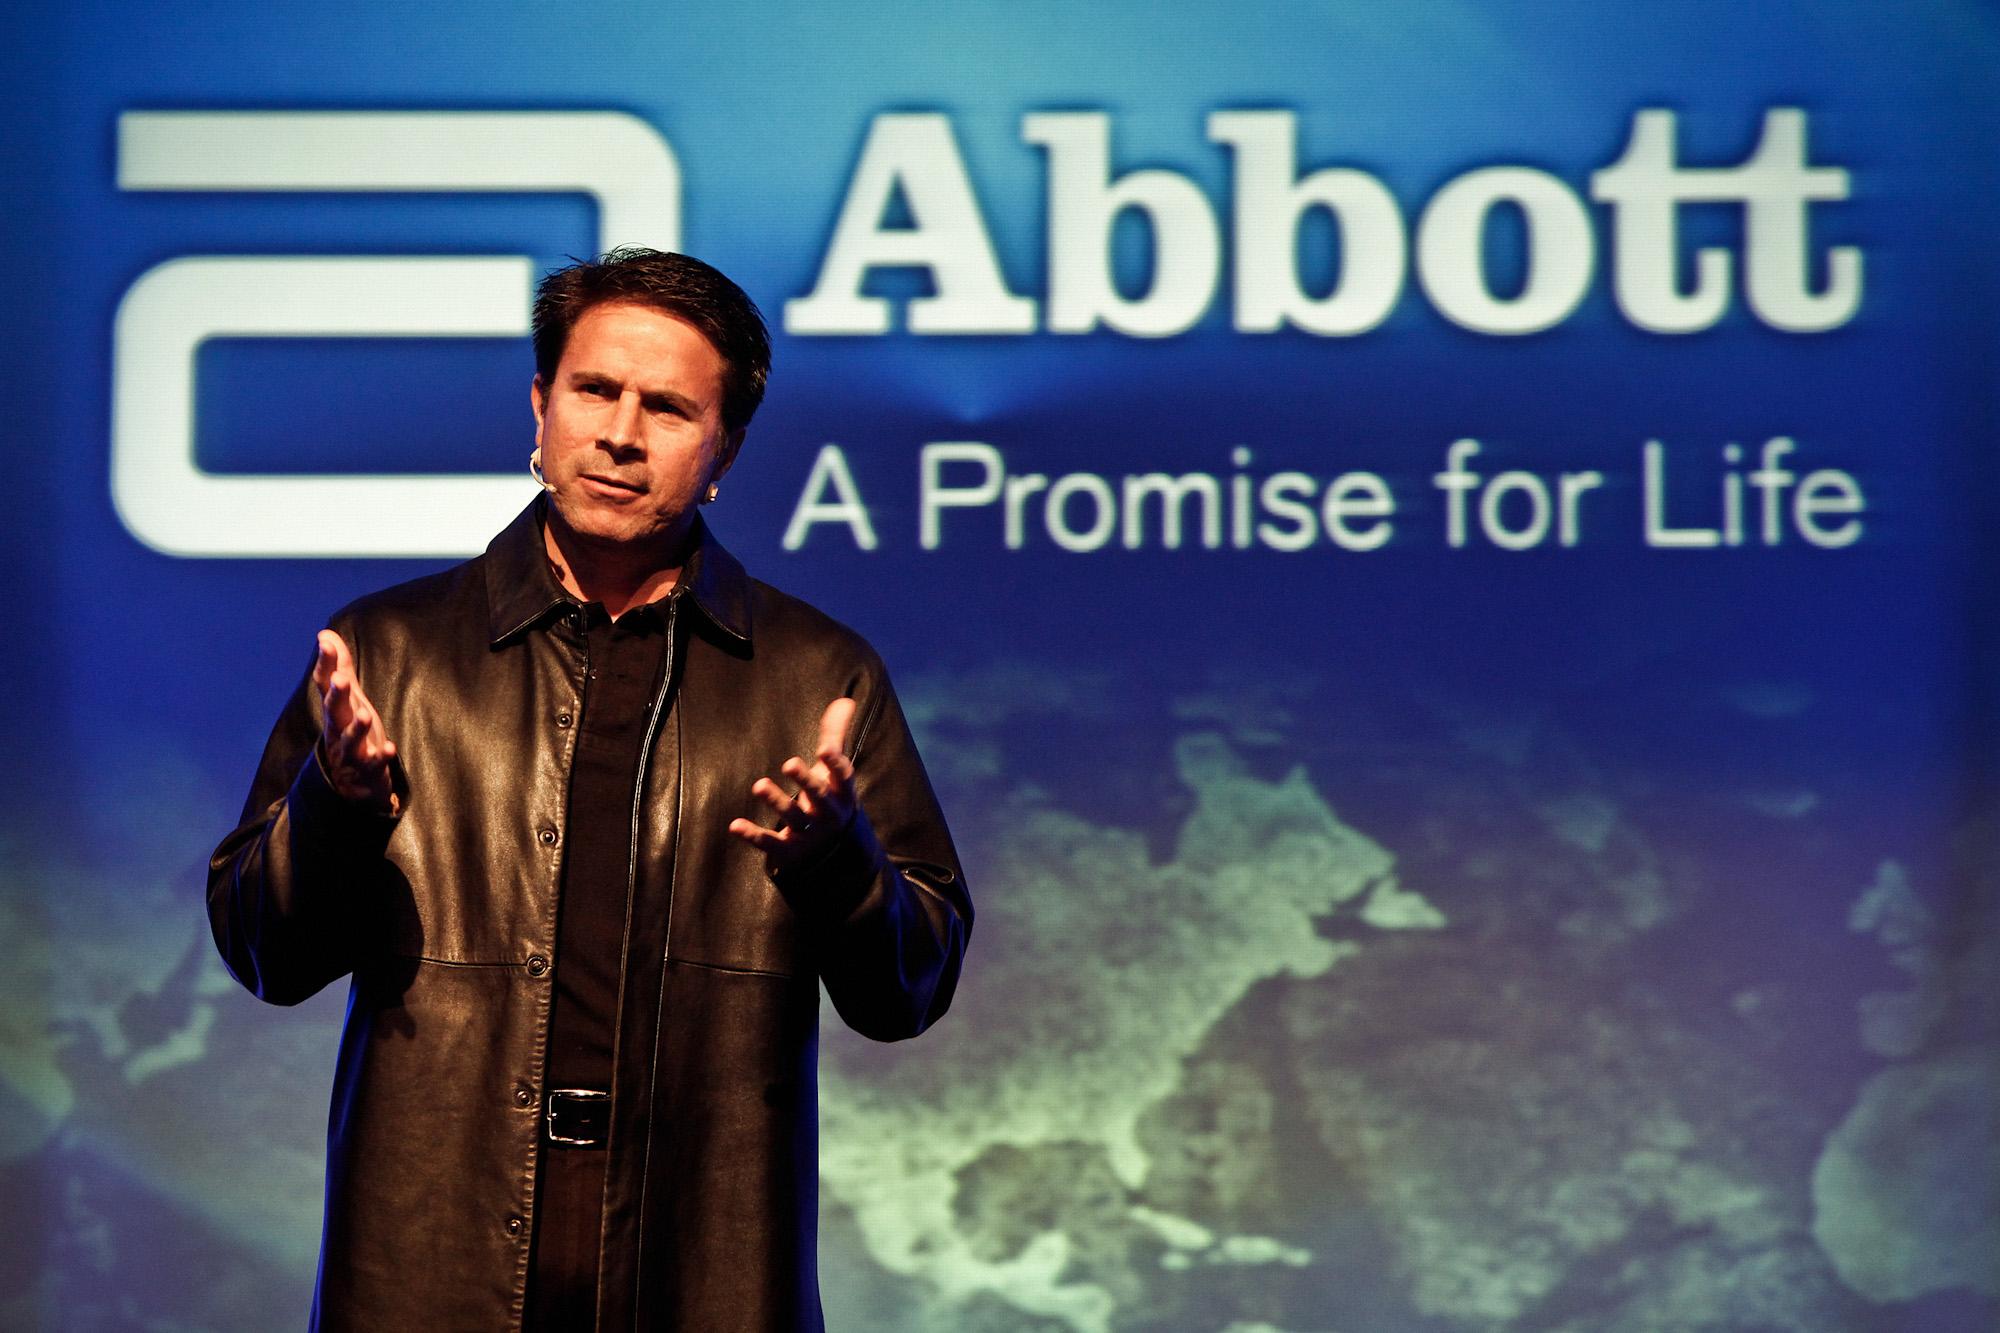 Abbott_conference_2.jpg